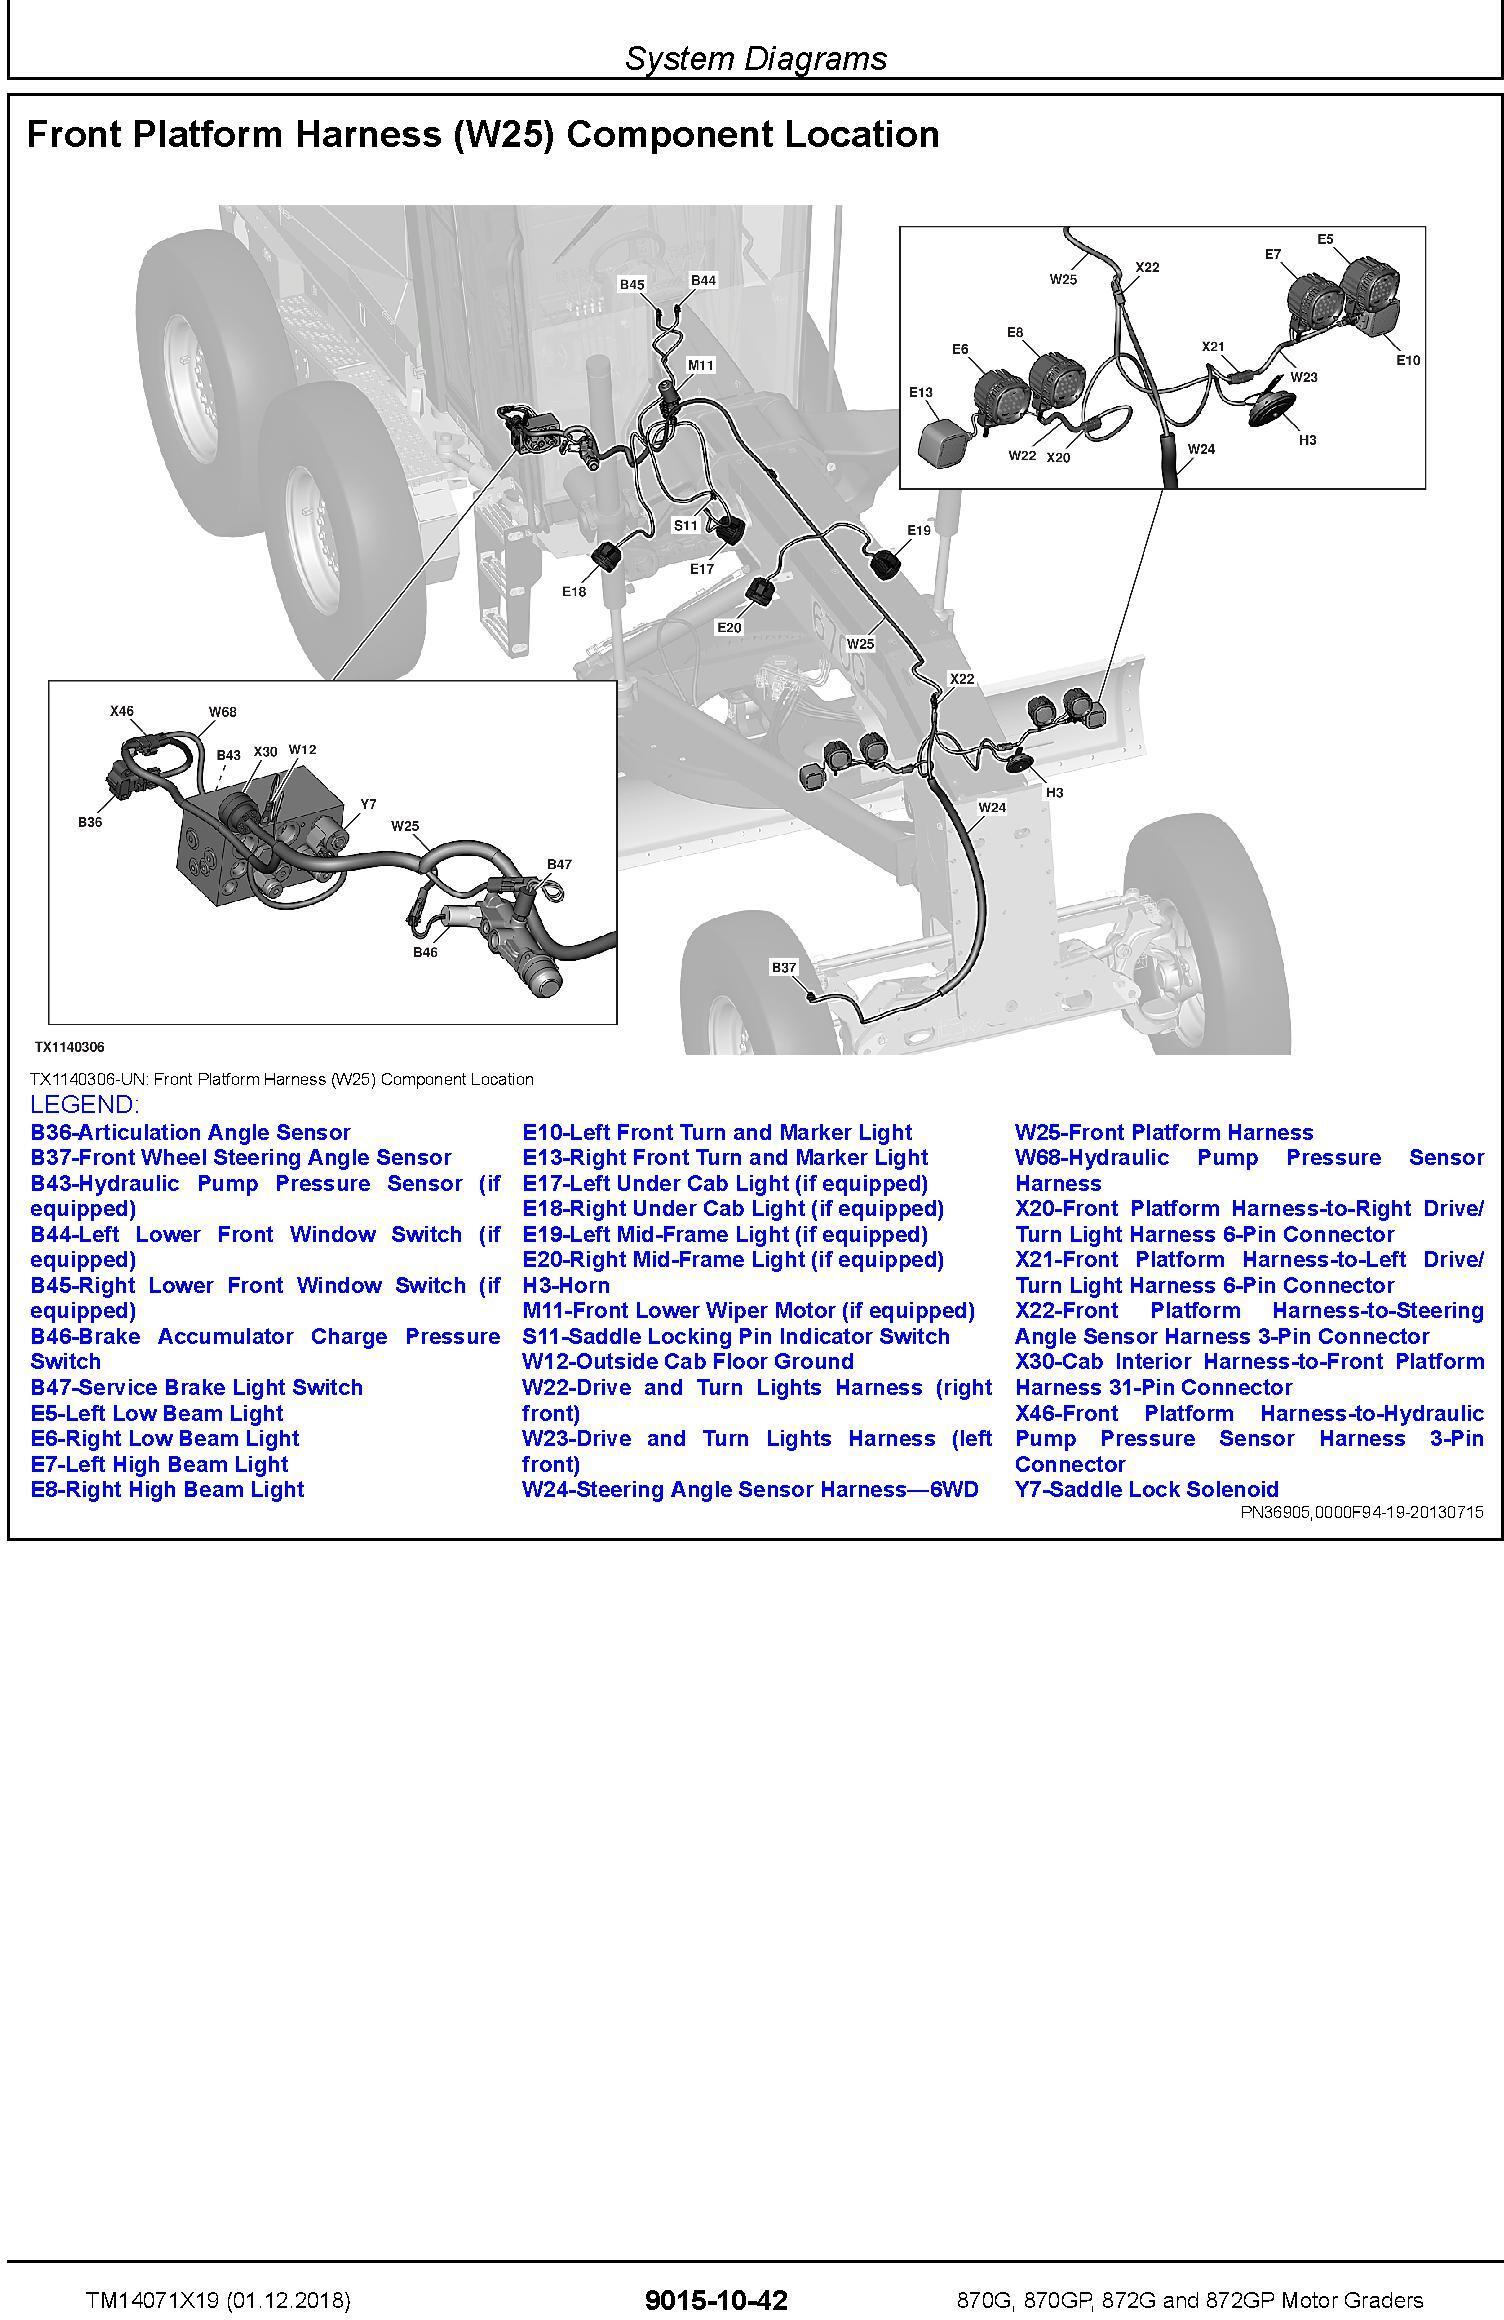 John Deere 870G, 870GP, 872G, 872GP (SN.F678818-680877) Motor Graders Diagnostic Manual (TM14071X19) - 1